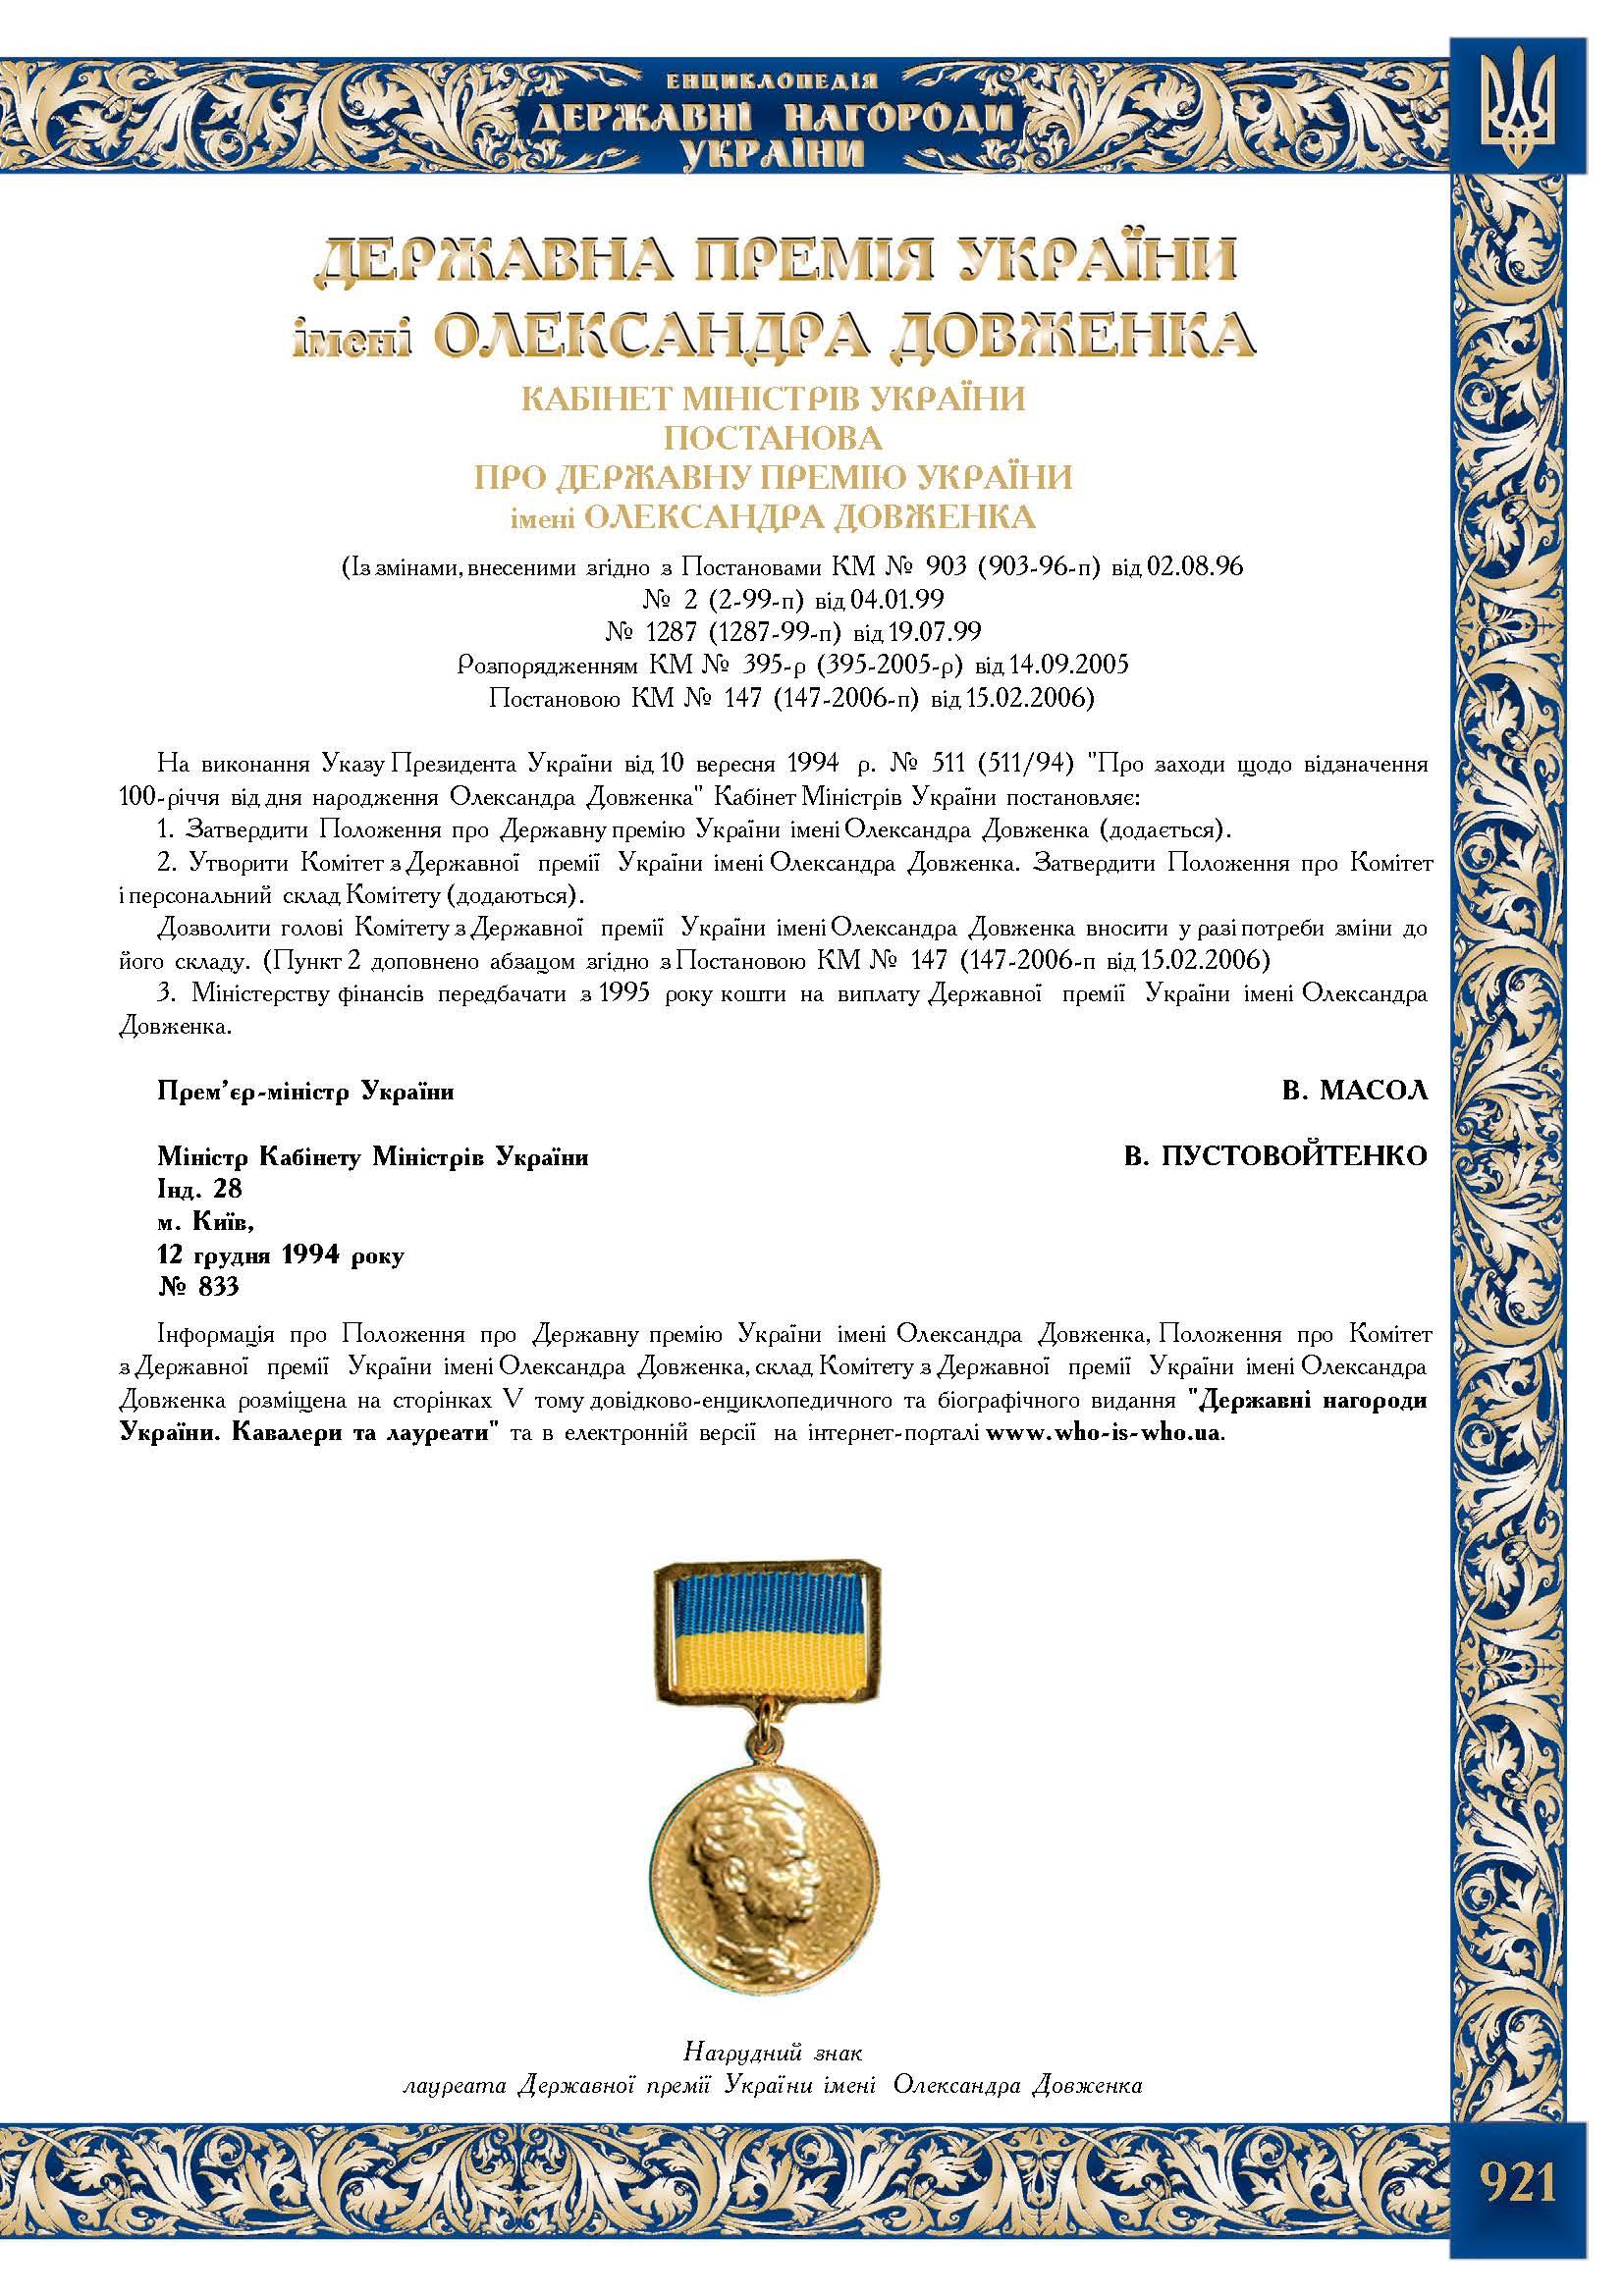 Державна премія України імені Олександра Довженка